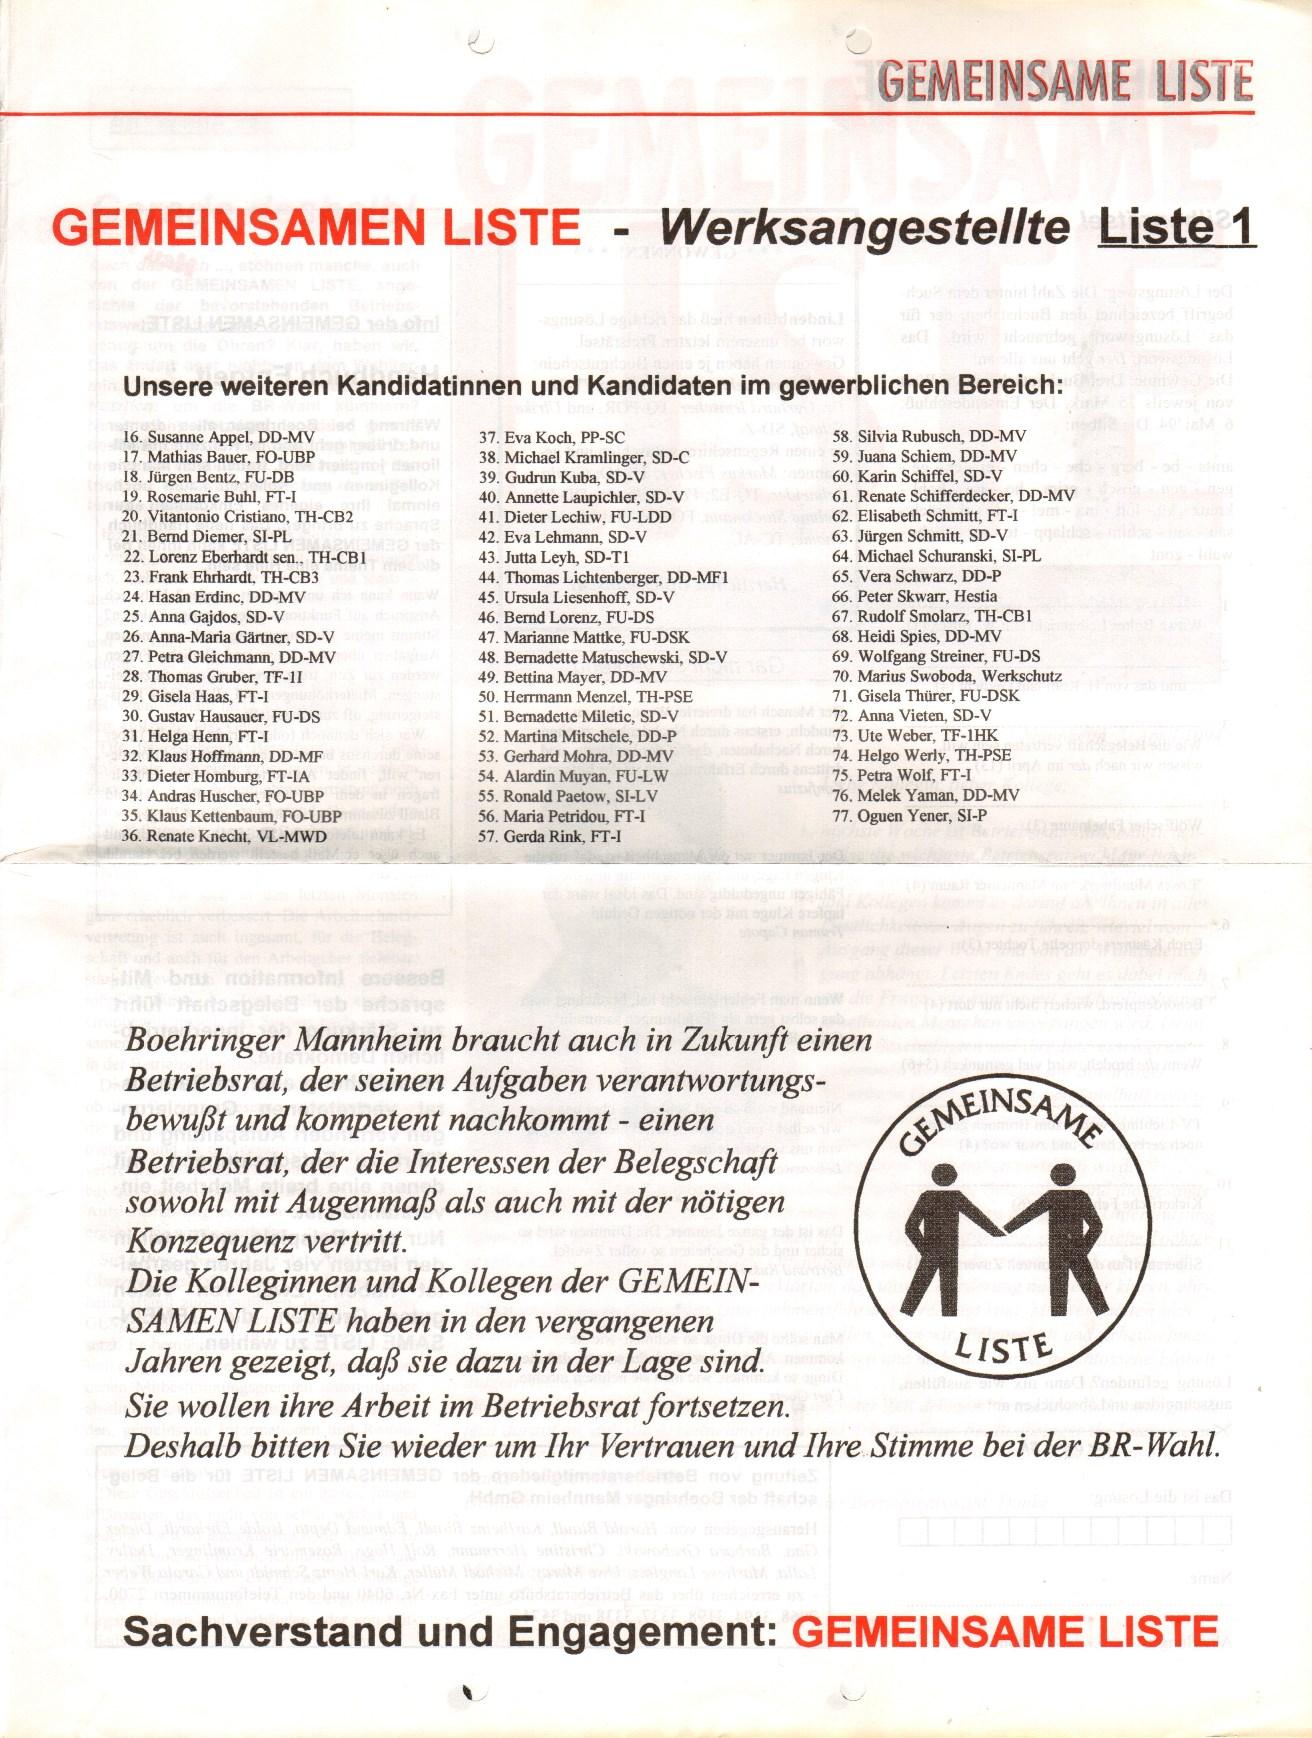 Mannheim_Boehringer_Gemeinsame_Liste_1994_02_05